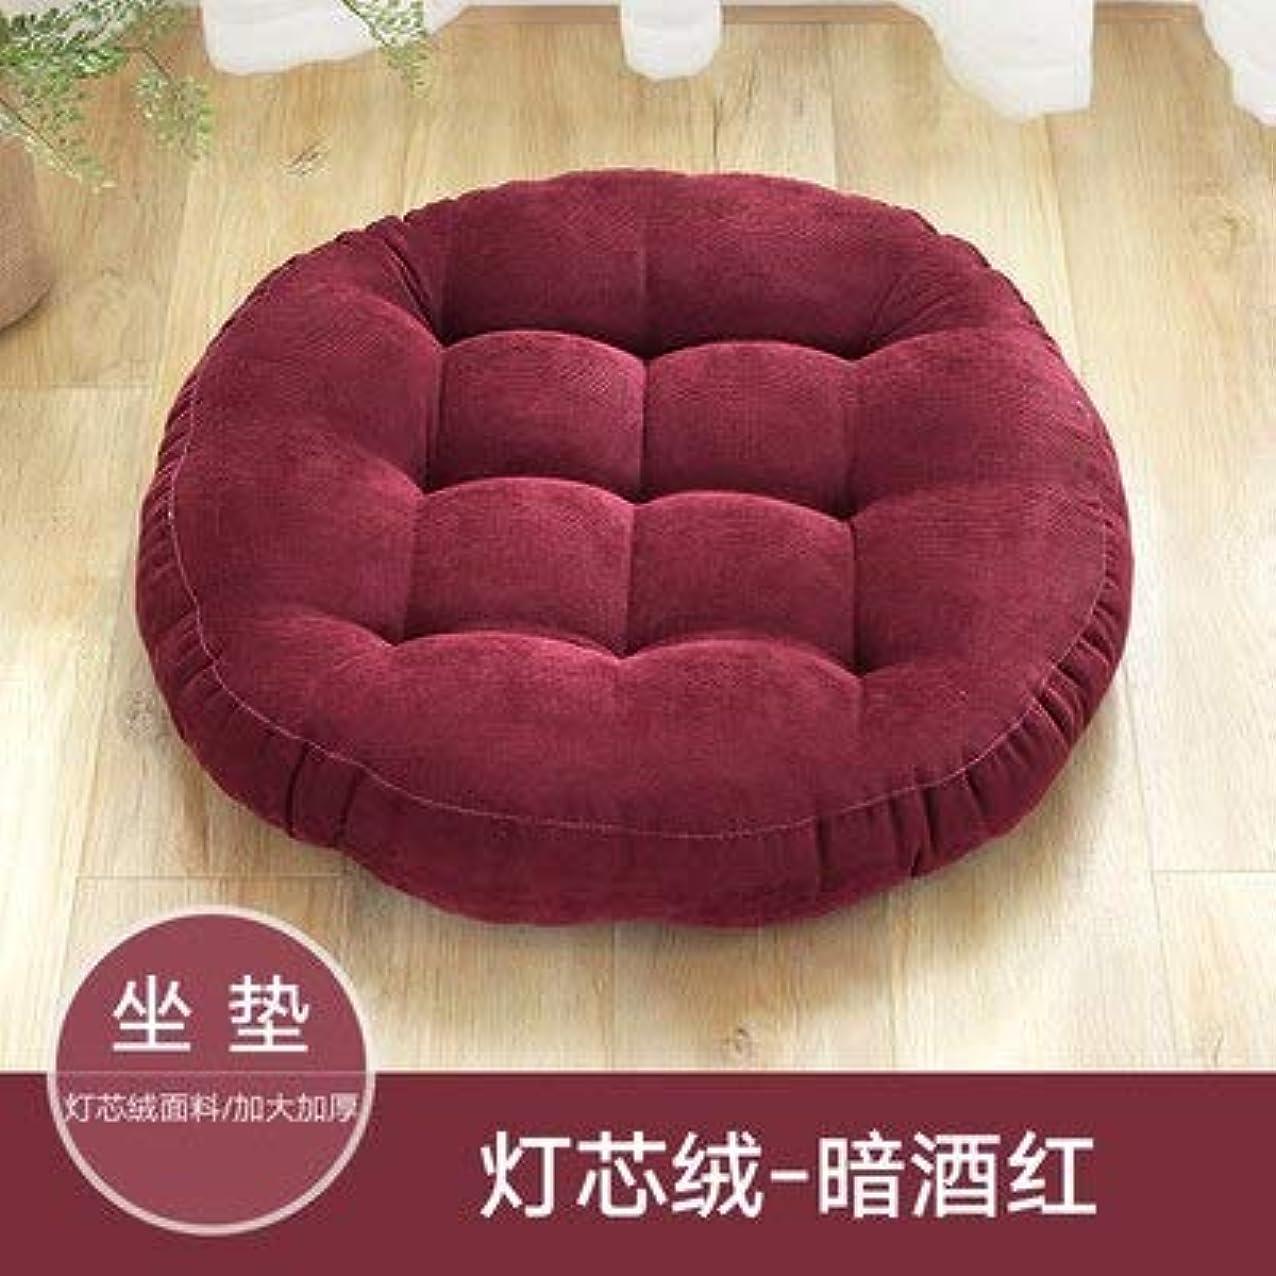 選択踏み台可能性LIFE ラウンド厚い椅子のクッションフロアマットレスシートパッドソフトホームオフィスチェアクッションマットソフトスロー枕最高品質の床クッション クッション 椅子